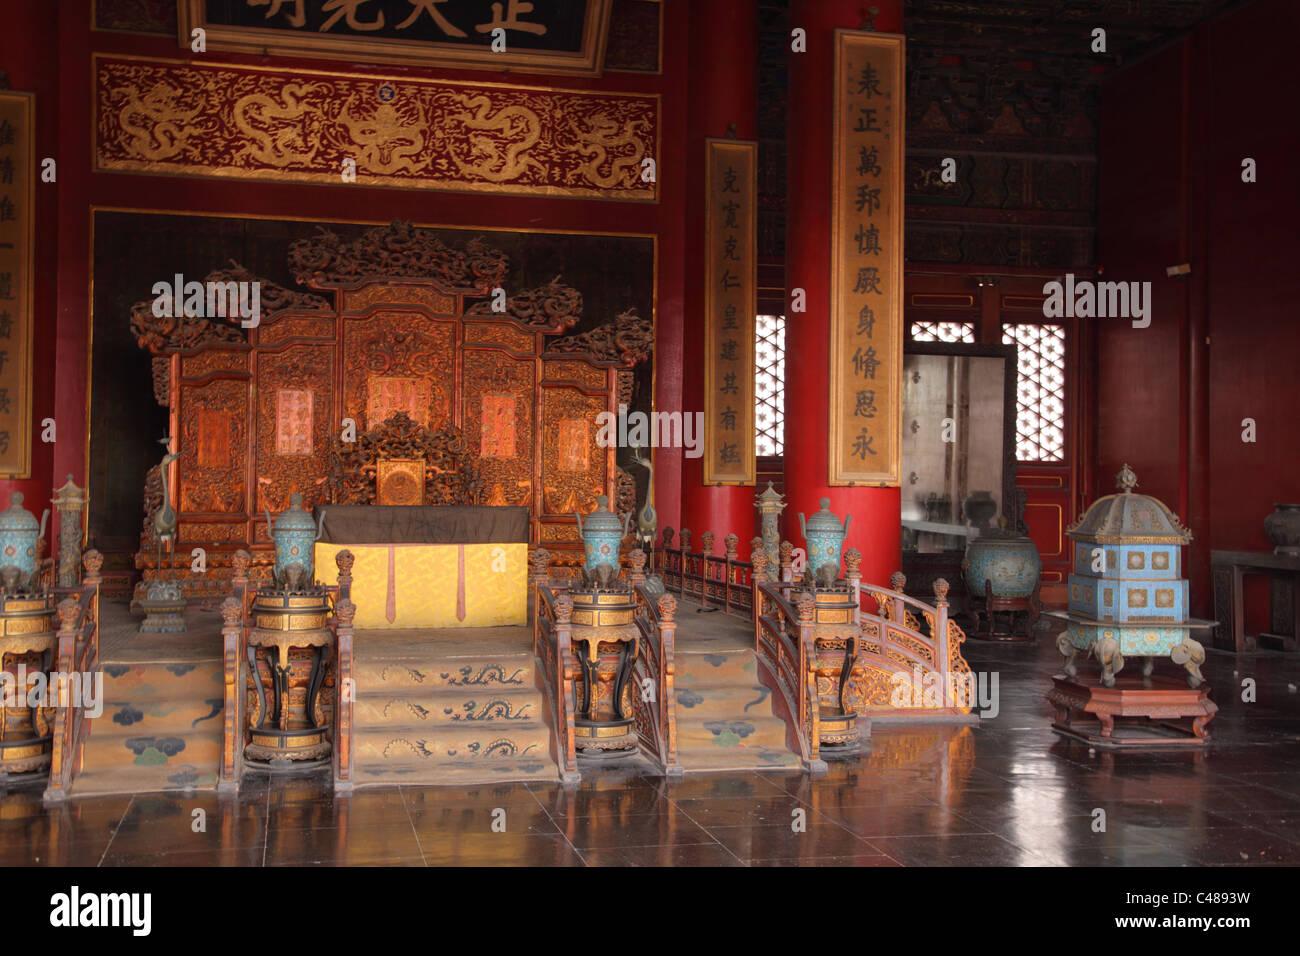 Palais de la pureté céleste, de l'intérieur de la Cité Interdite, Pékin, Chine Photo Stock